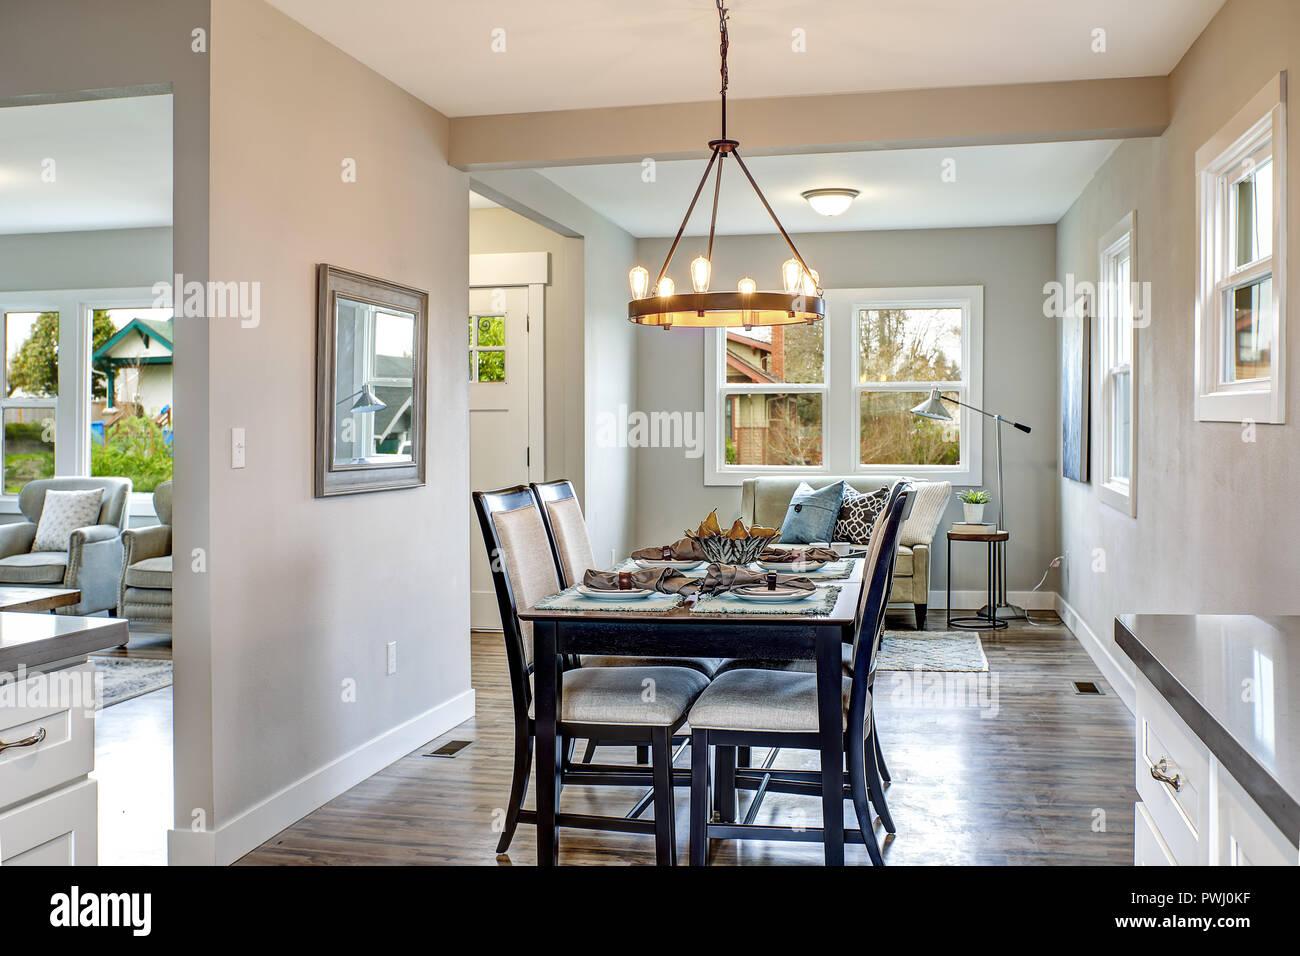 https www alamyimages fr interieur clair de la cuisine et salle a manger en chambre americaine image222286499 html